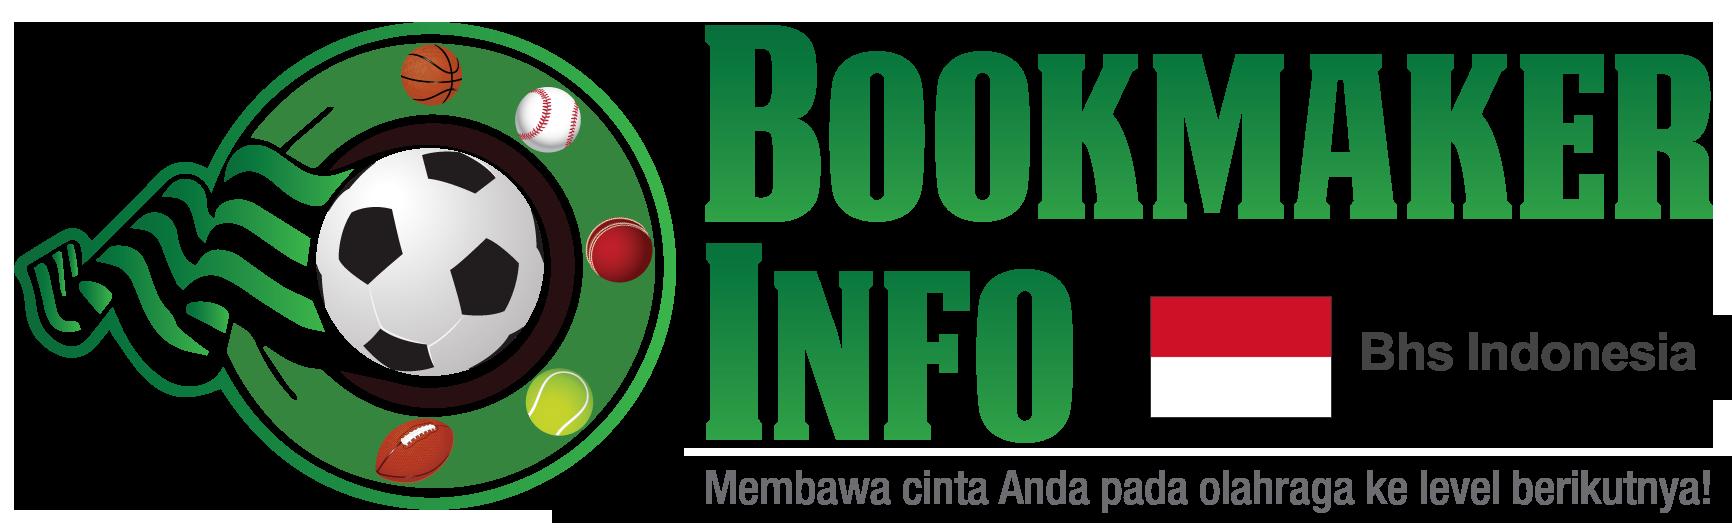 Bookmaker Info: Sumber Anda #1 untuk Judi Online